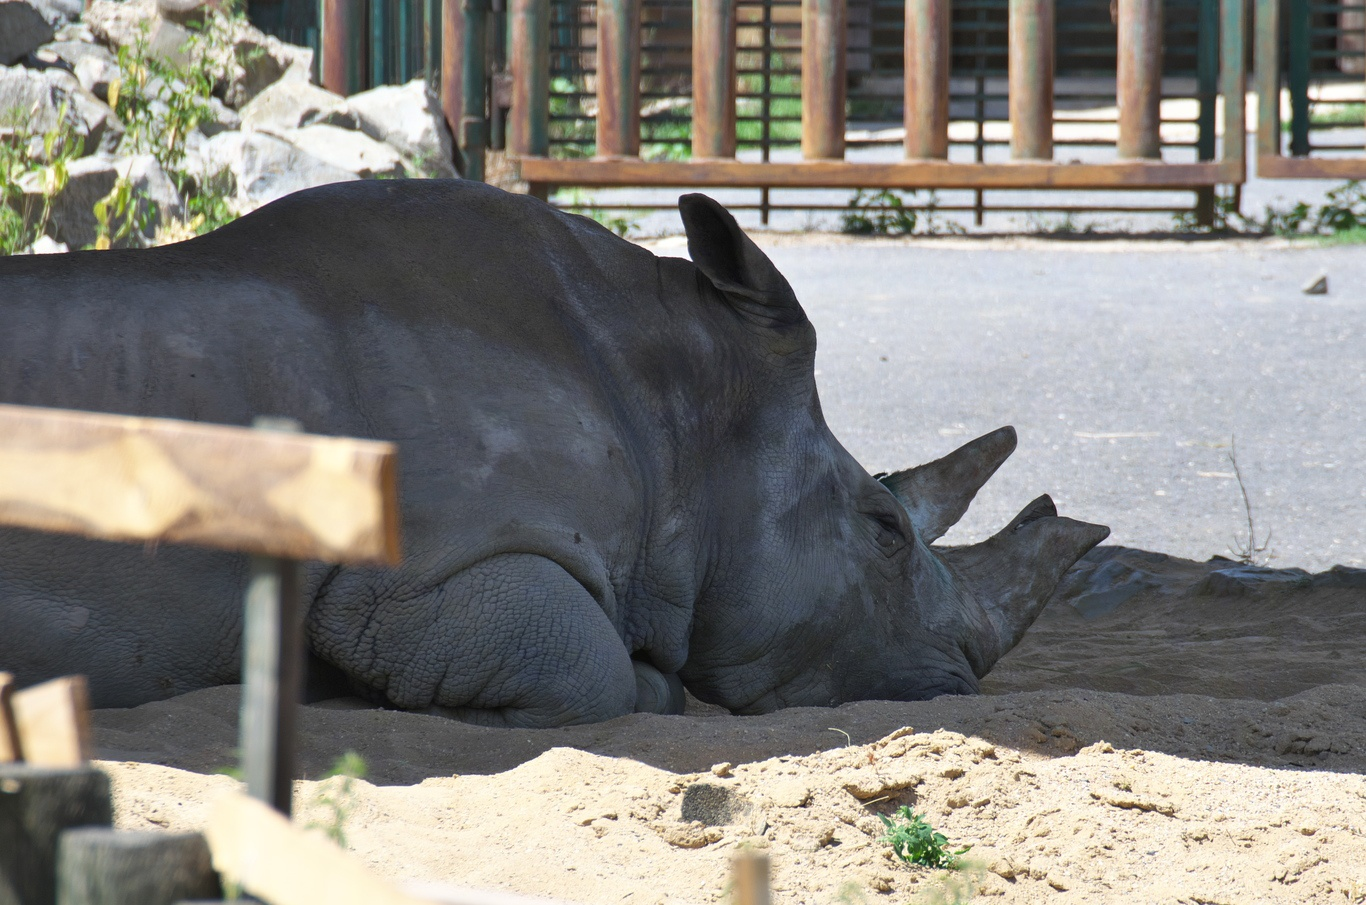 ZOO Ústí nad Labem, nosorožčice Zamba, která musela být pár týdnů po naší návštěvě utracena.